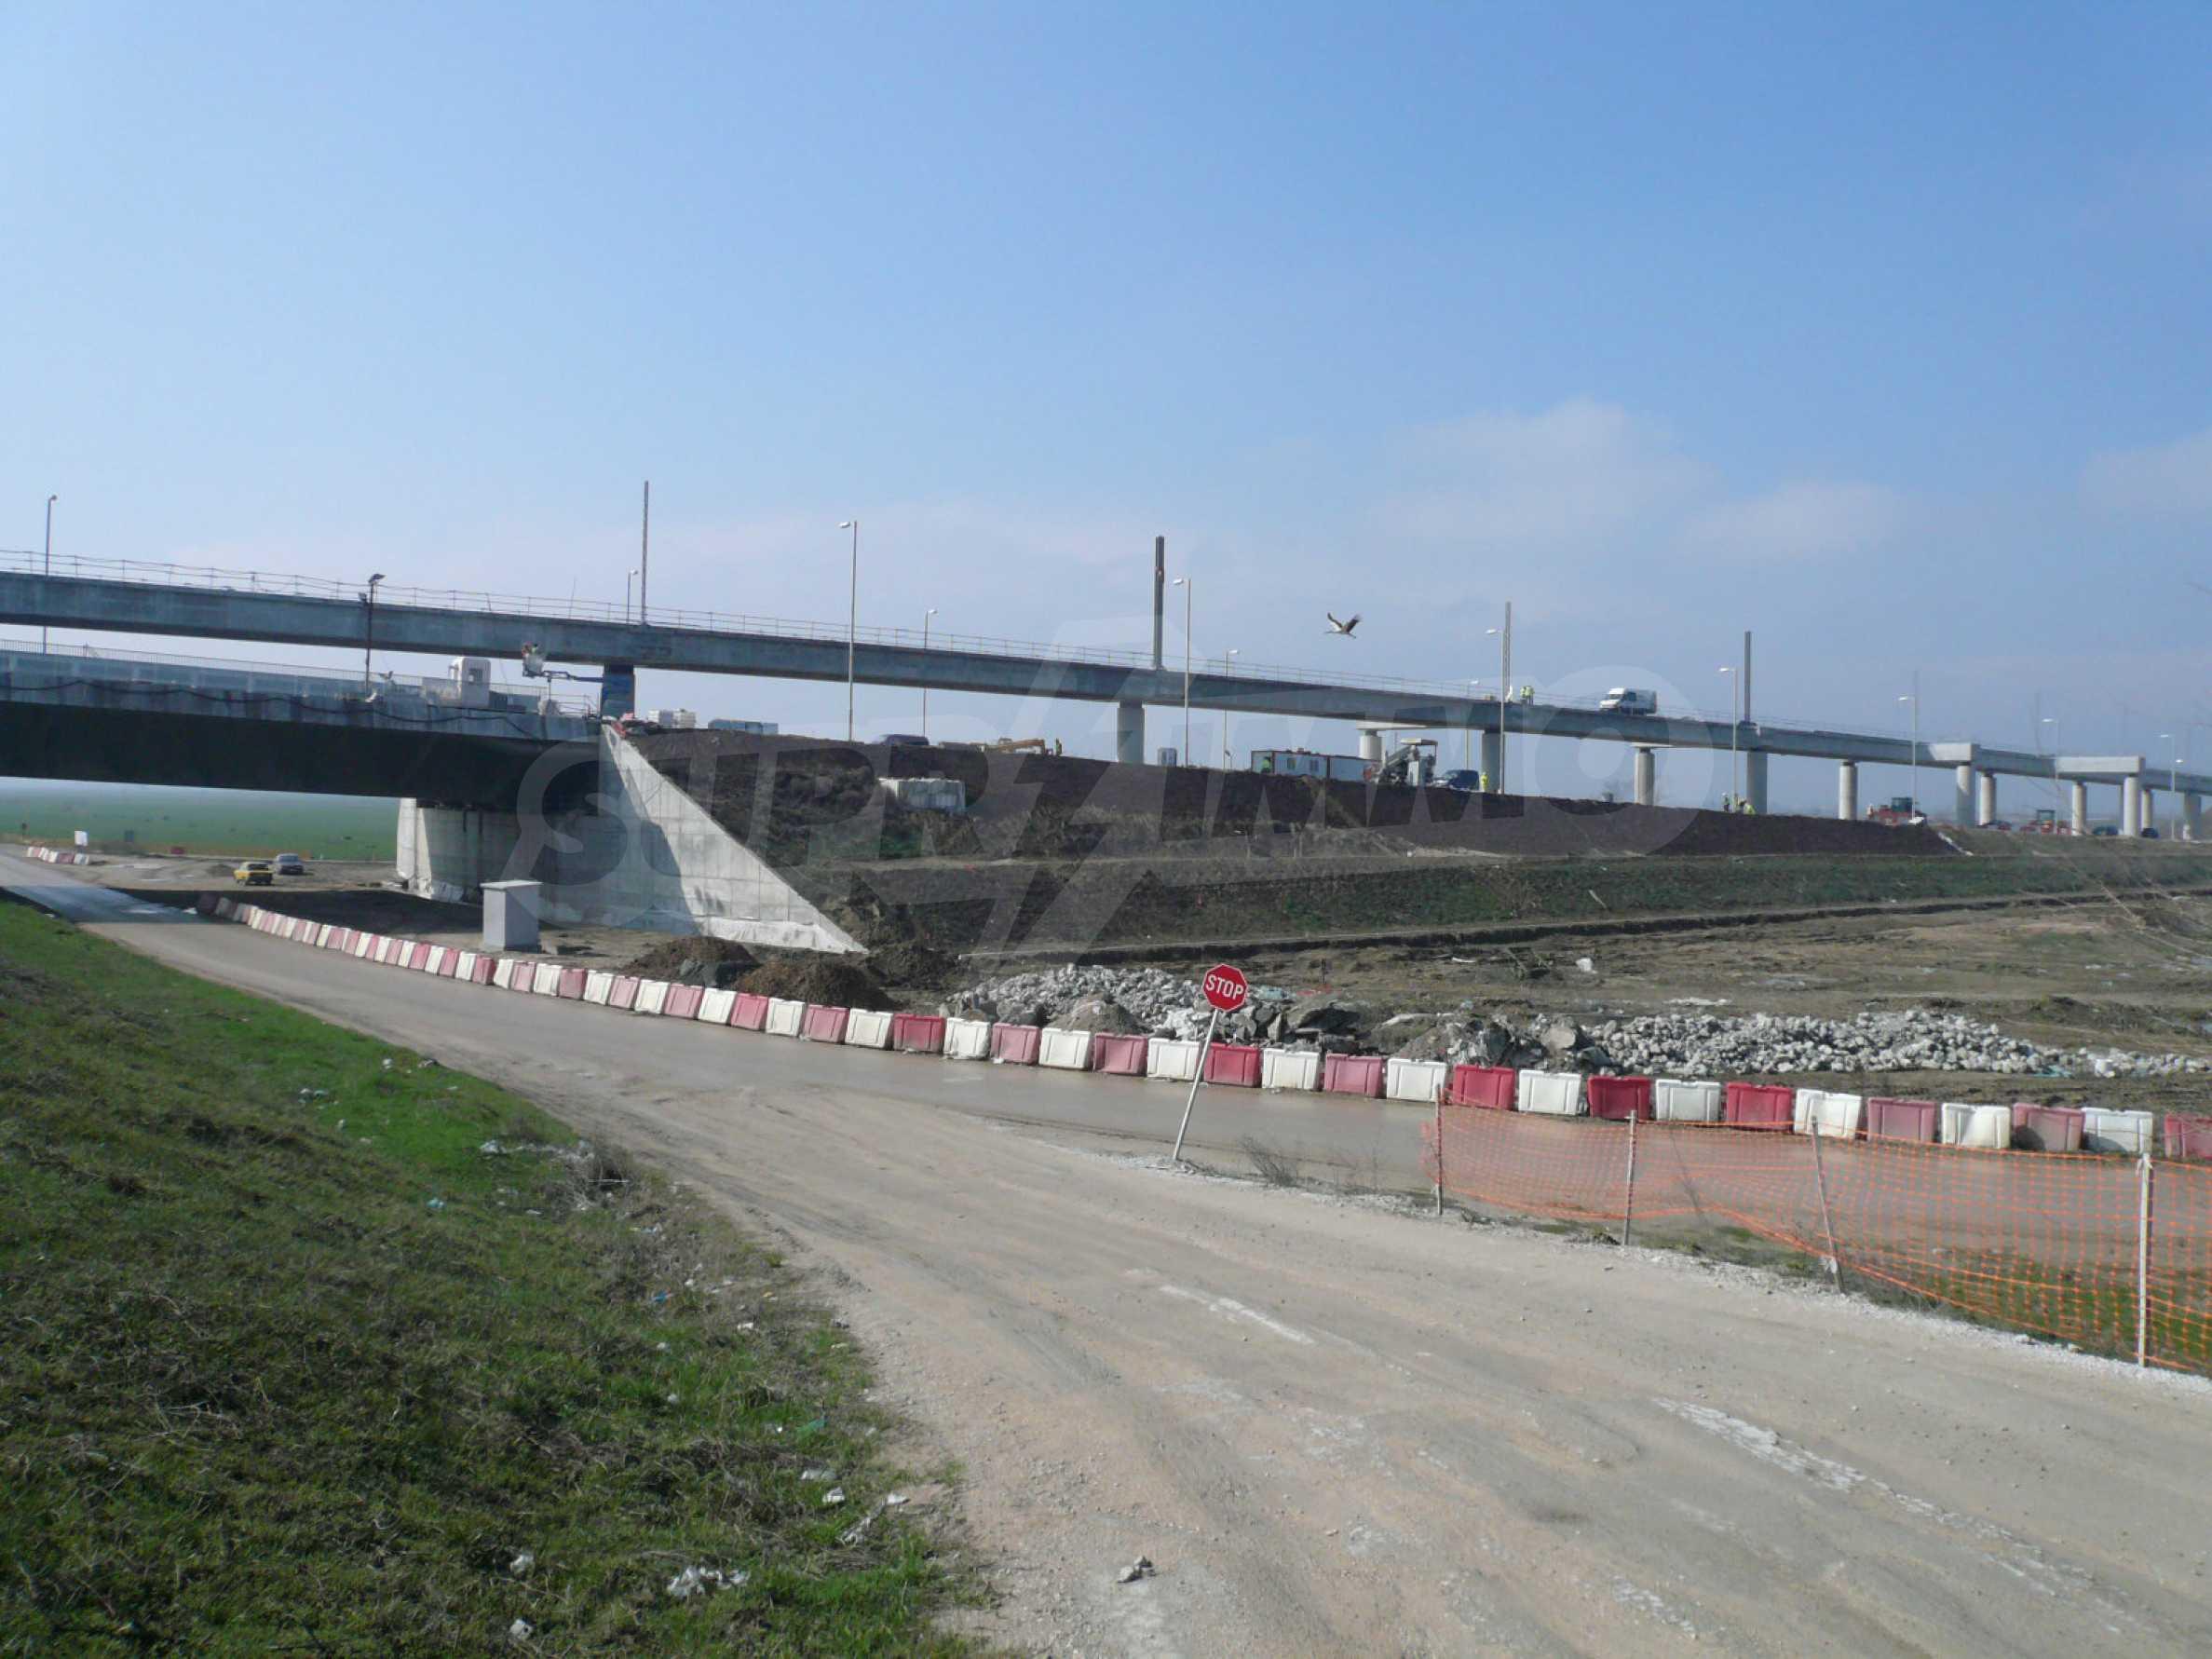 Umfangreiches Investitionsgrundstück nahe der Donaubrücke 2 5